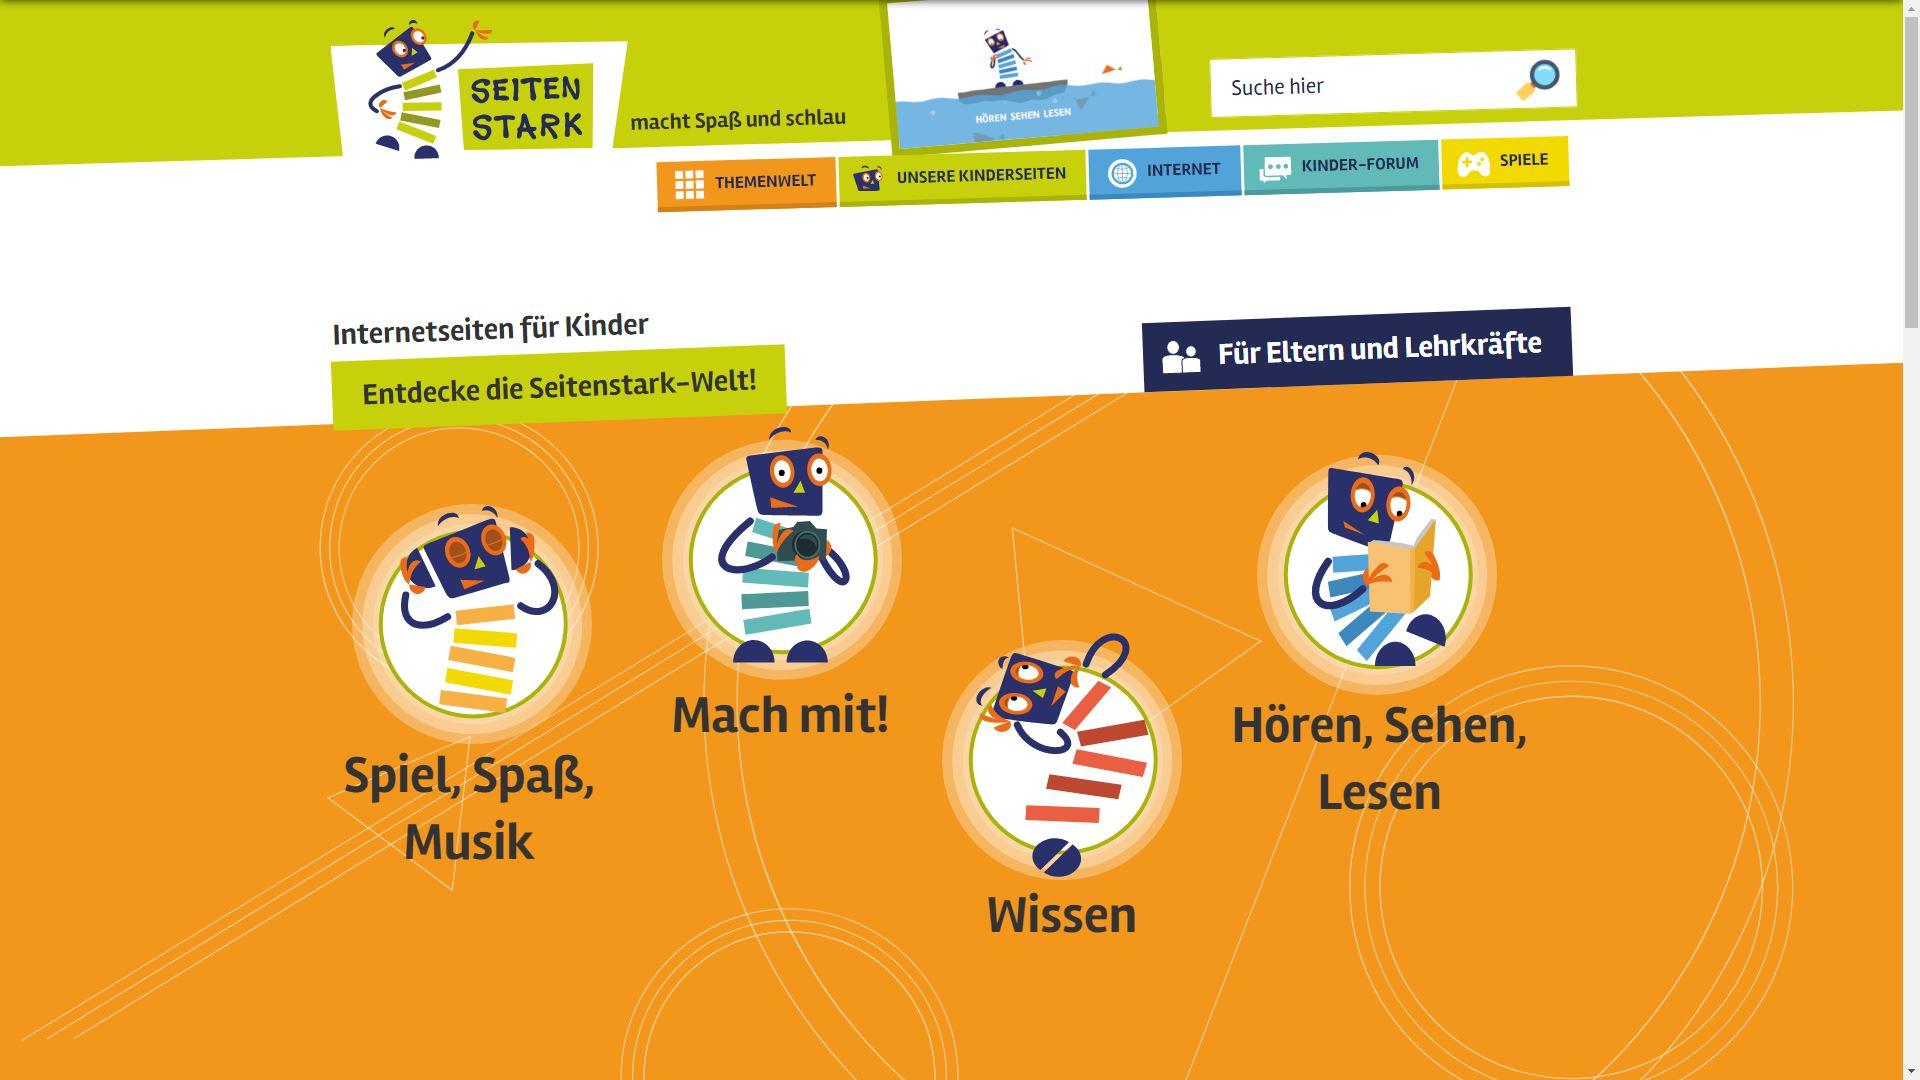 seitenstark_screenshot